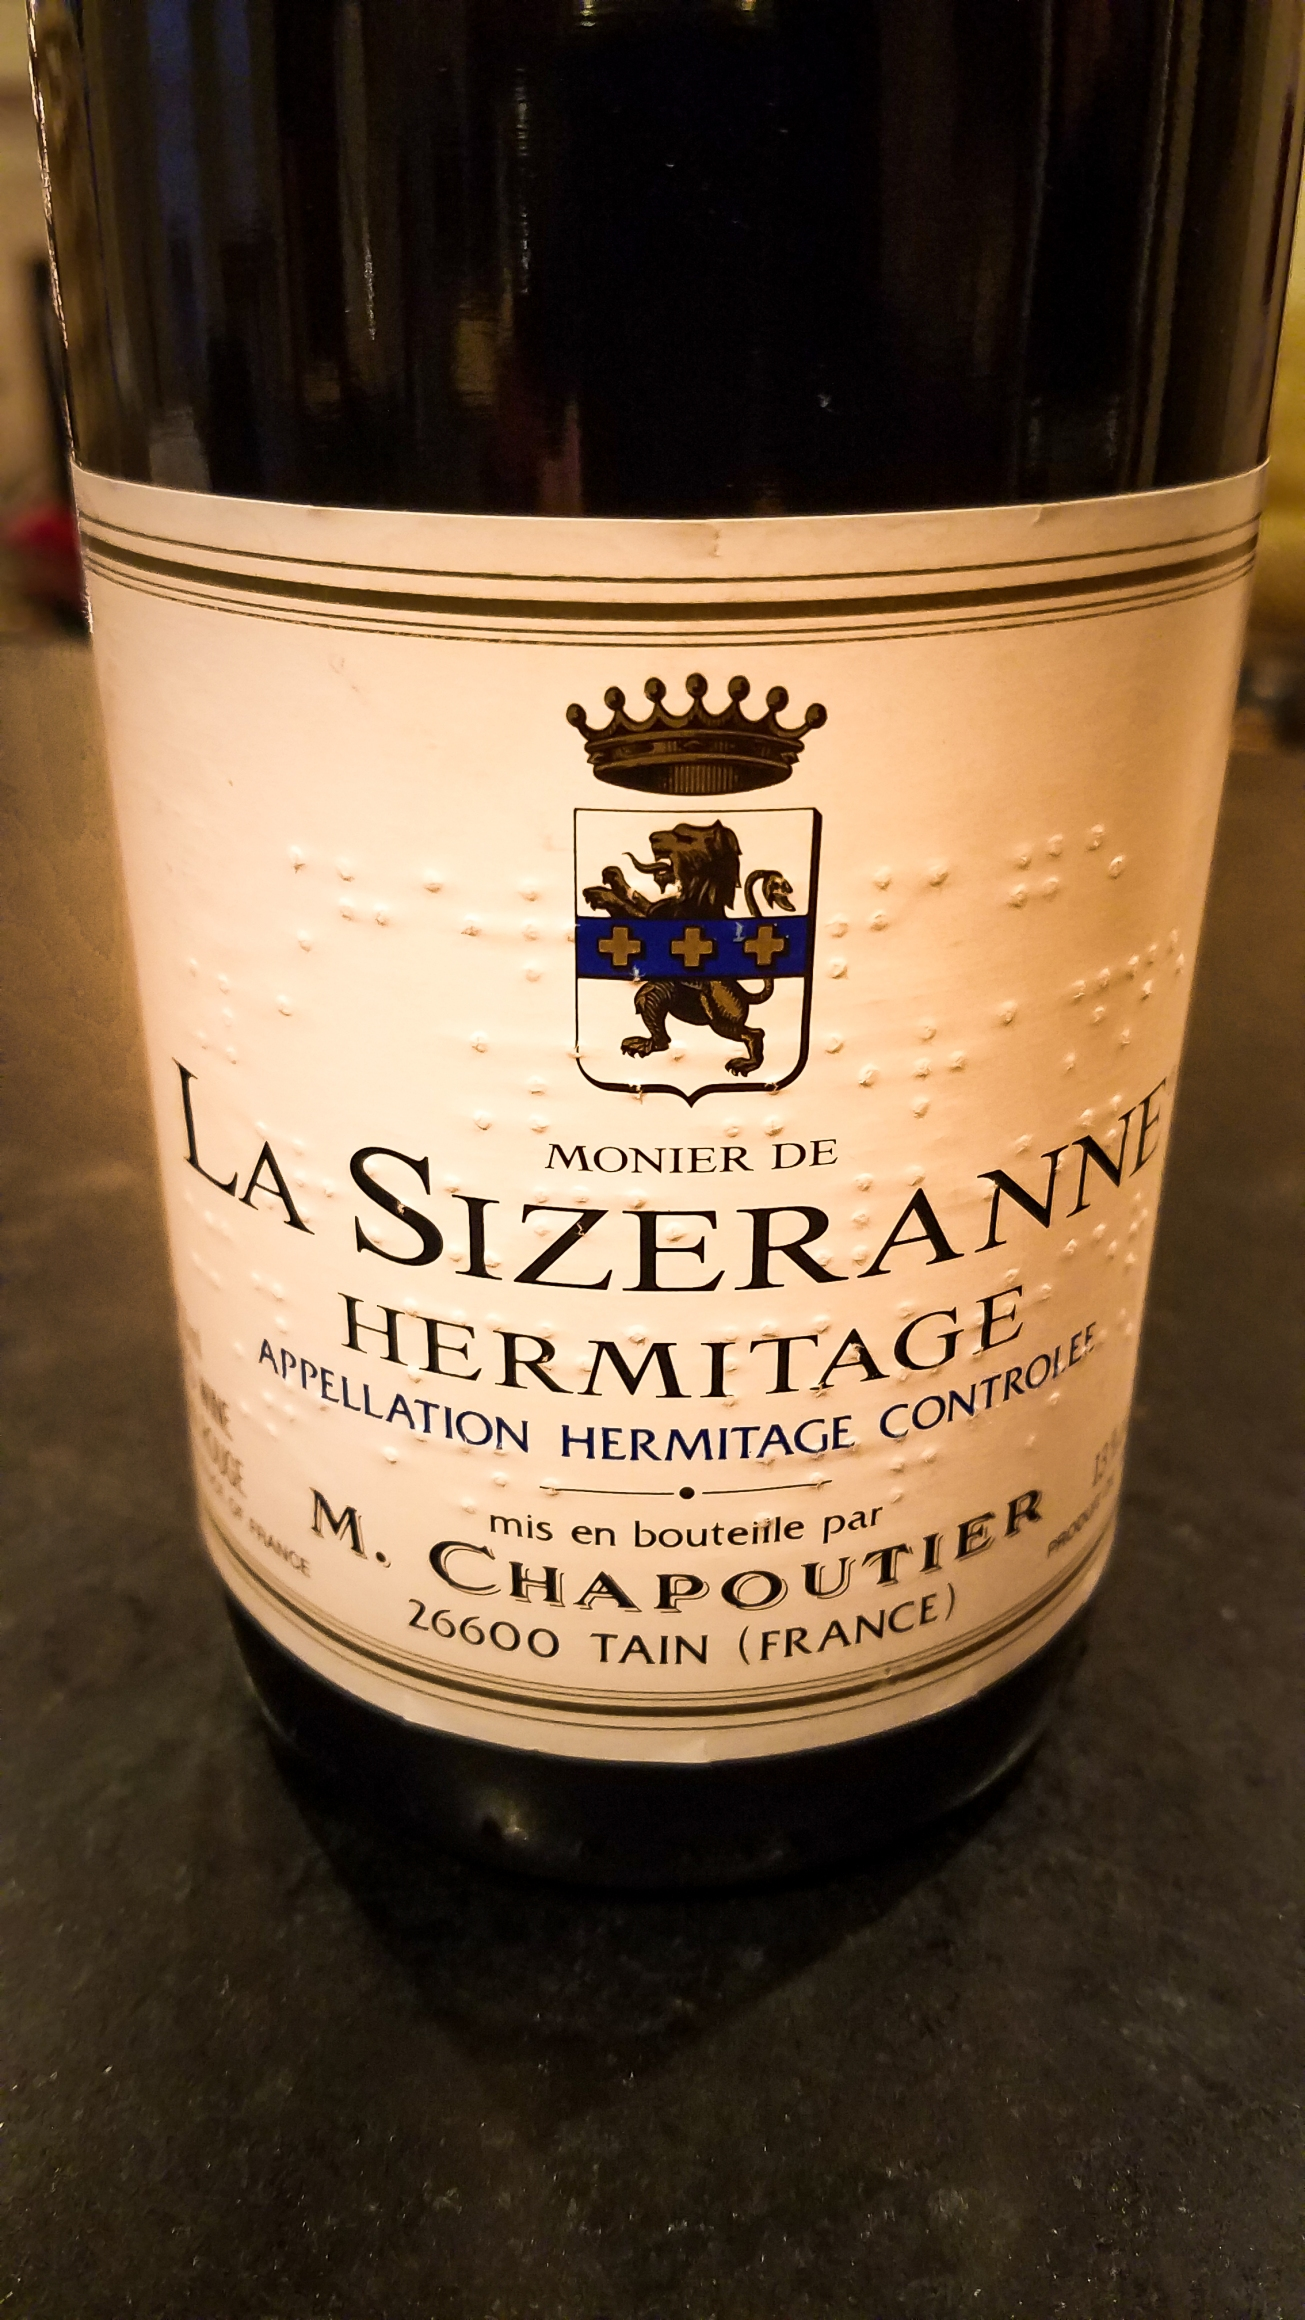 1998 M. Chapoutier Hermitage La Sizeranne